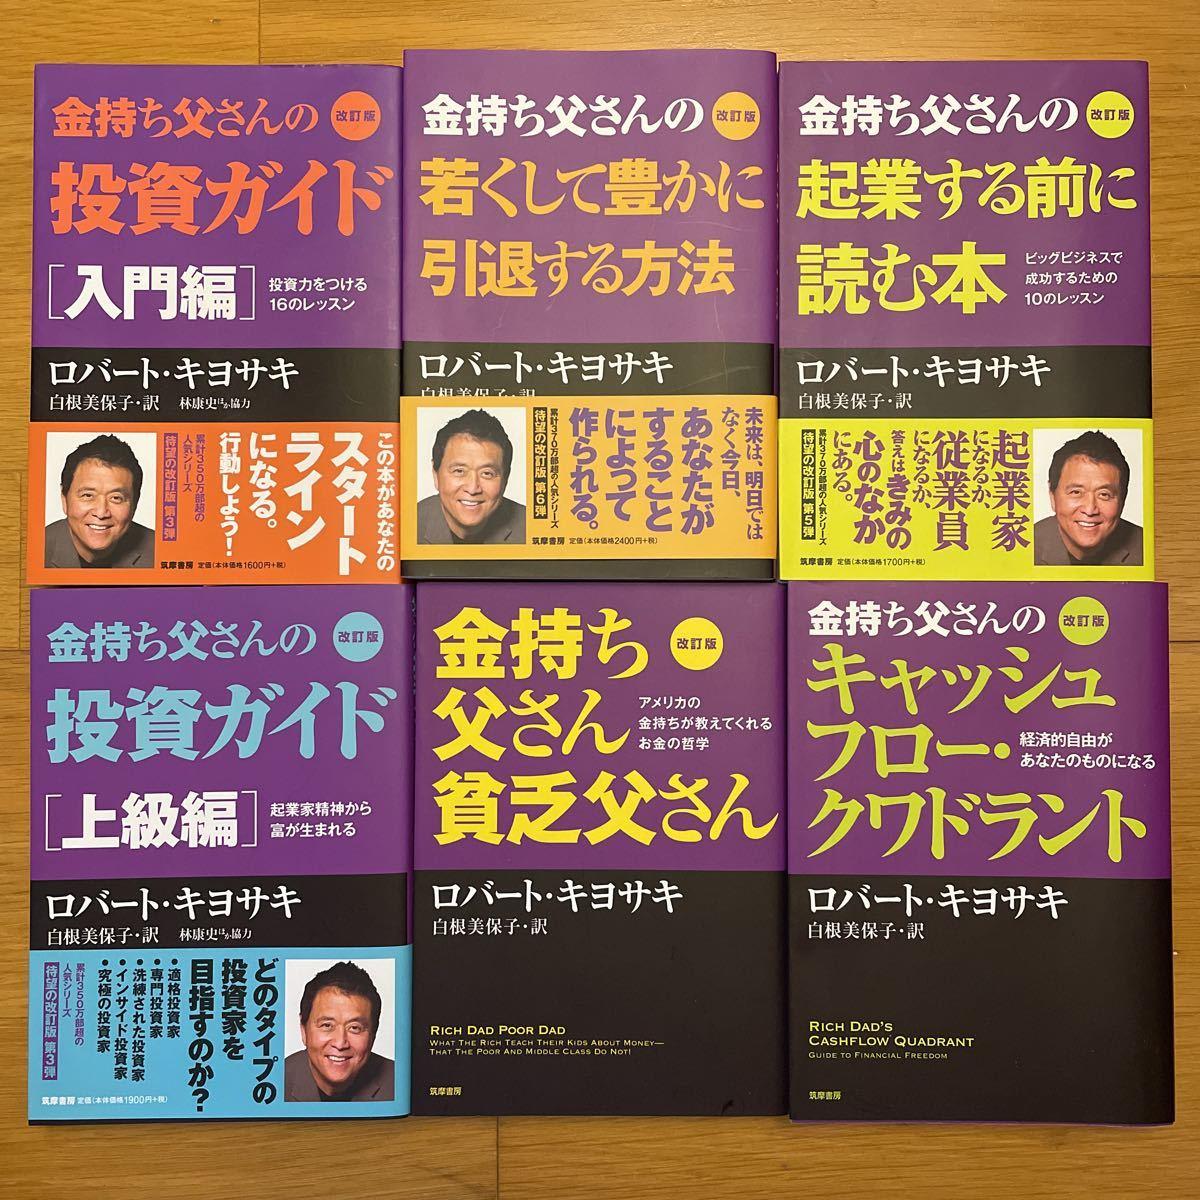 金持ち父さん貧乏父さんシリーズ6冊セット キャッシュフロークワドラント、投資ガイド ロバートキヨサキ